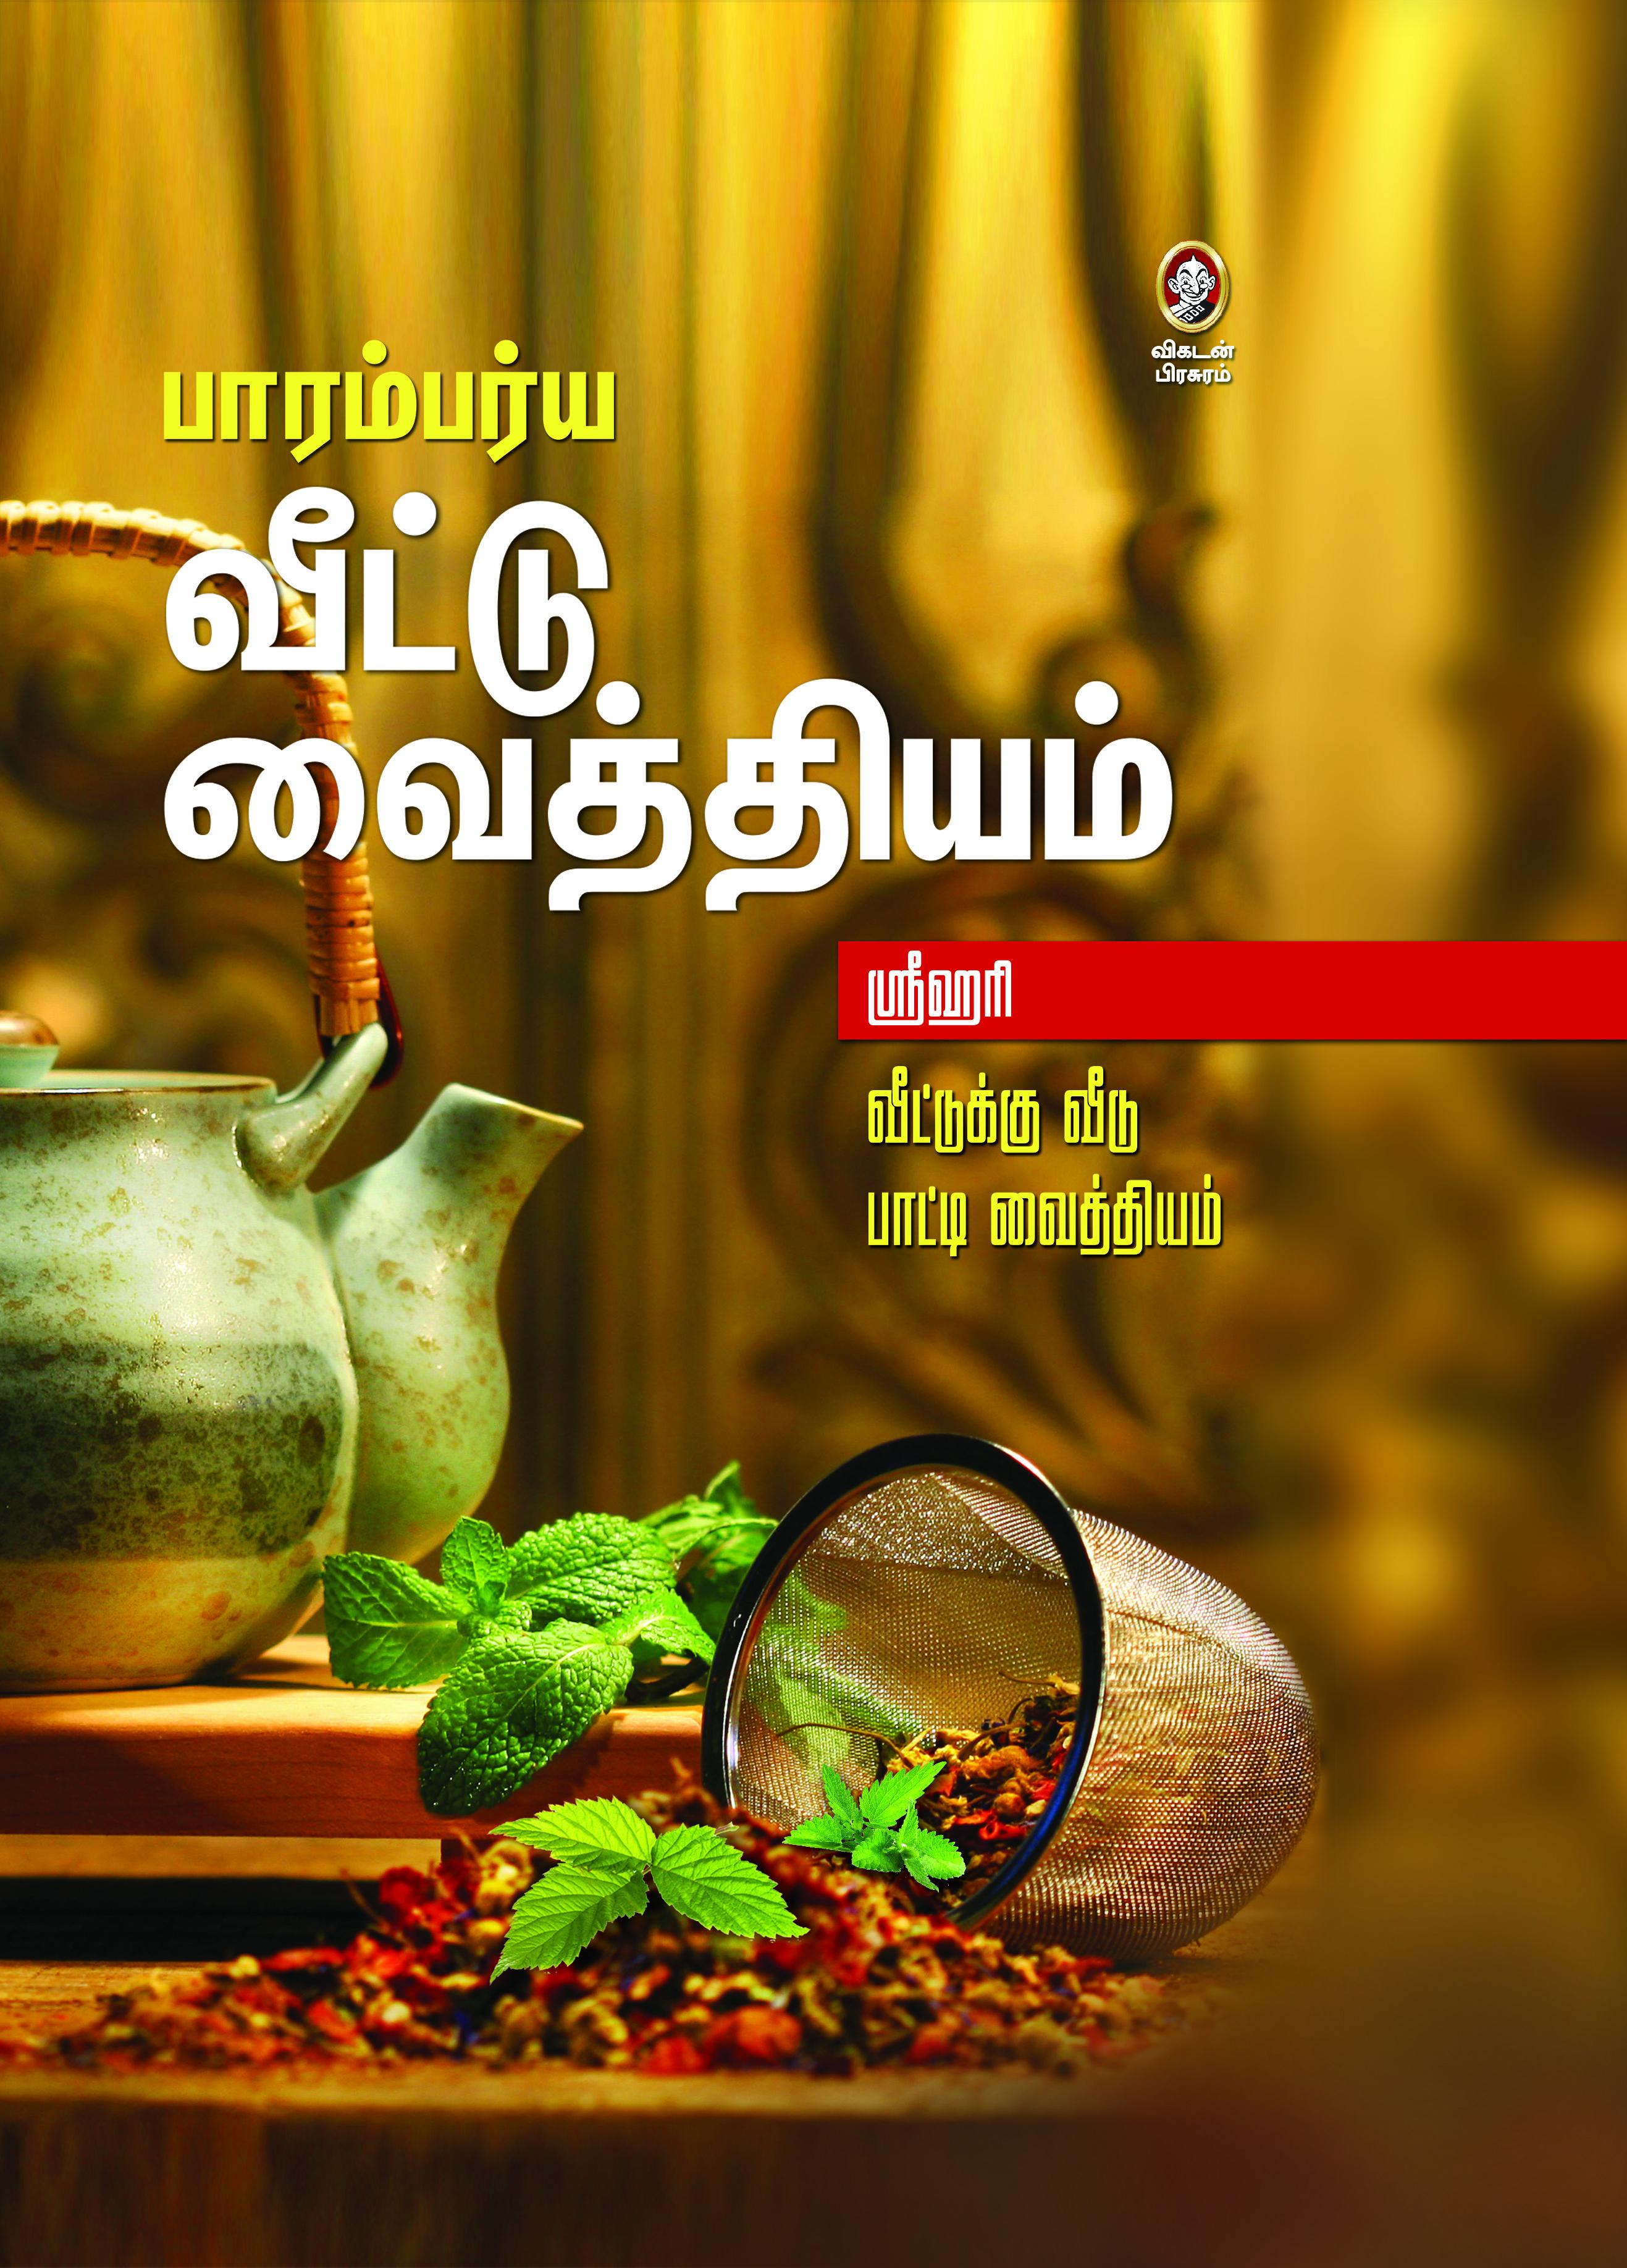 பாரம்பர்ய வீட்டு வைத்தியம்